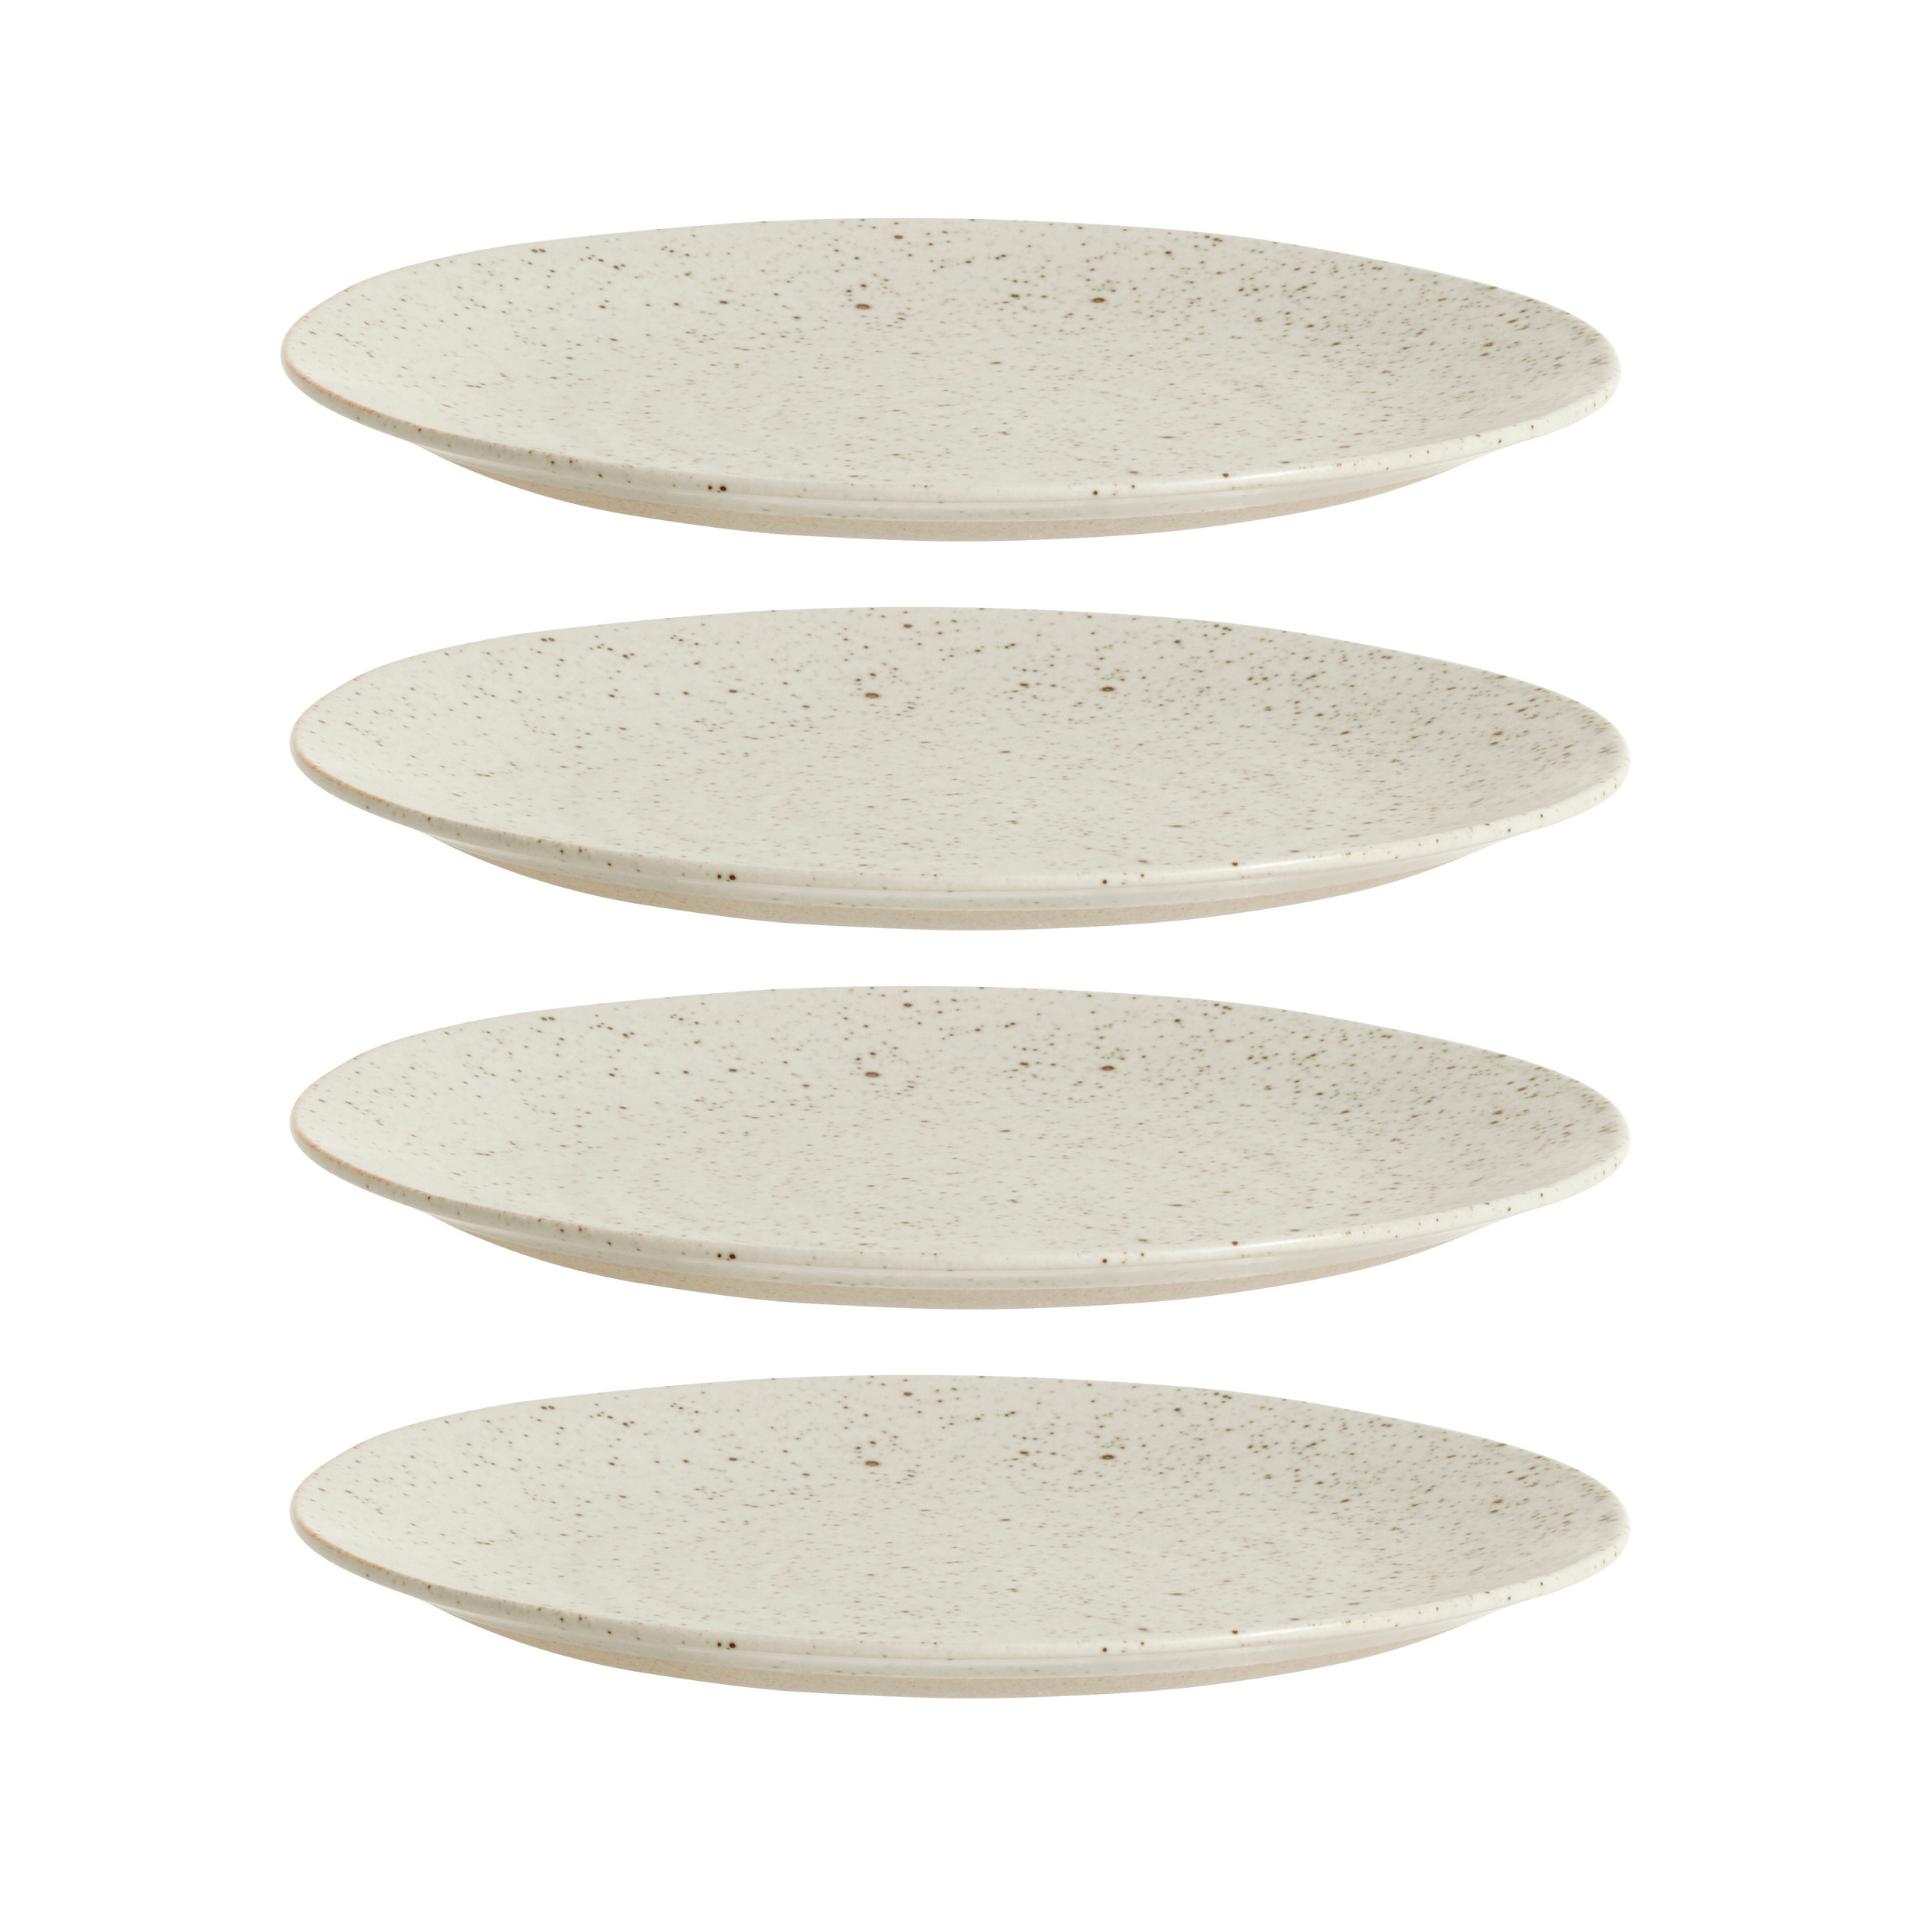 Nordal Grainy bord ø 21 cm - zandkleurig - set van 4- 57007-5708309157399